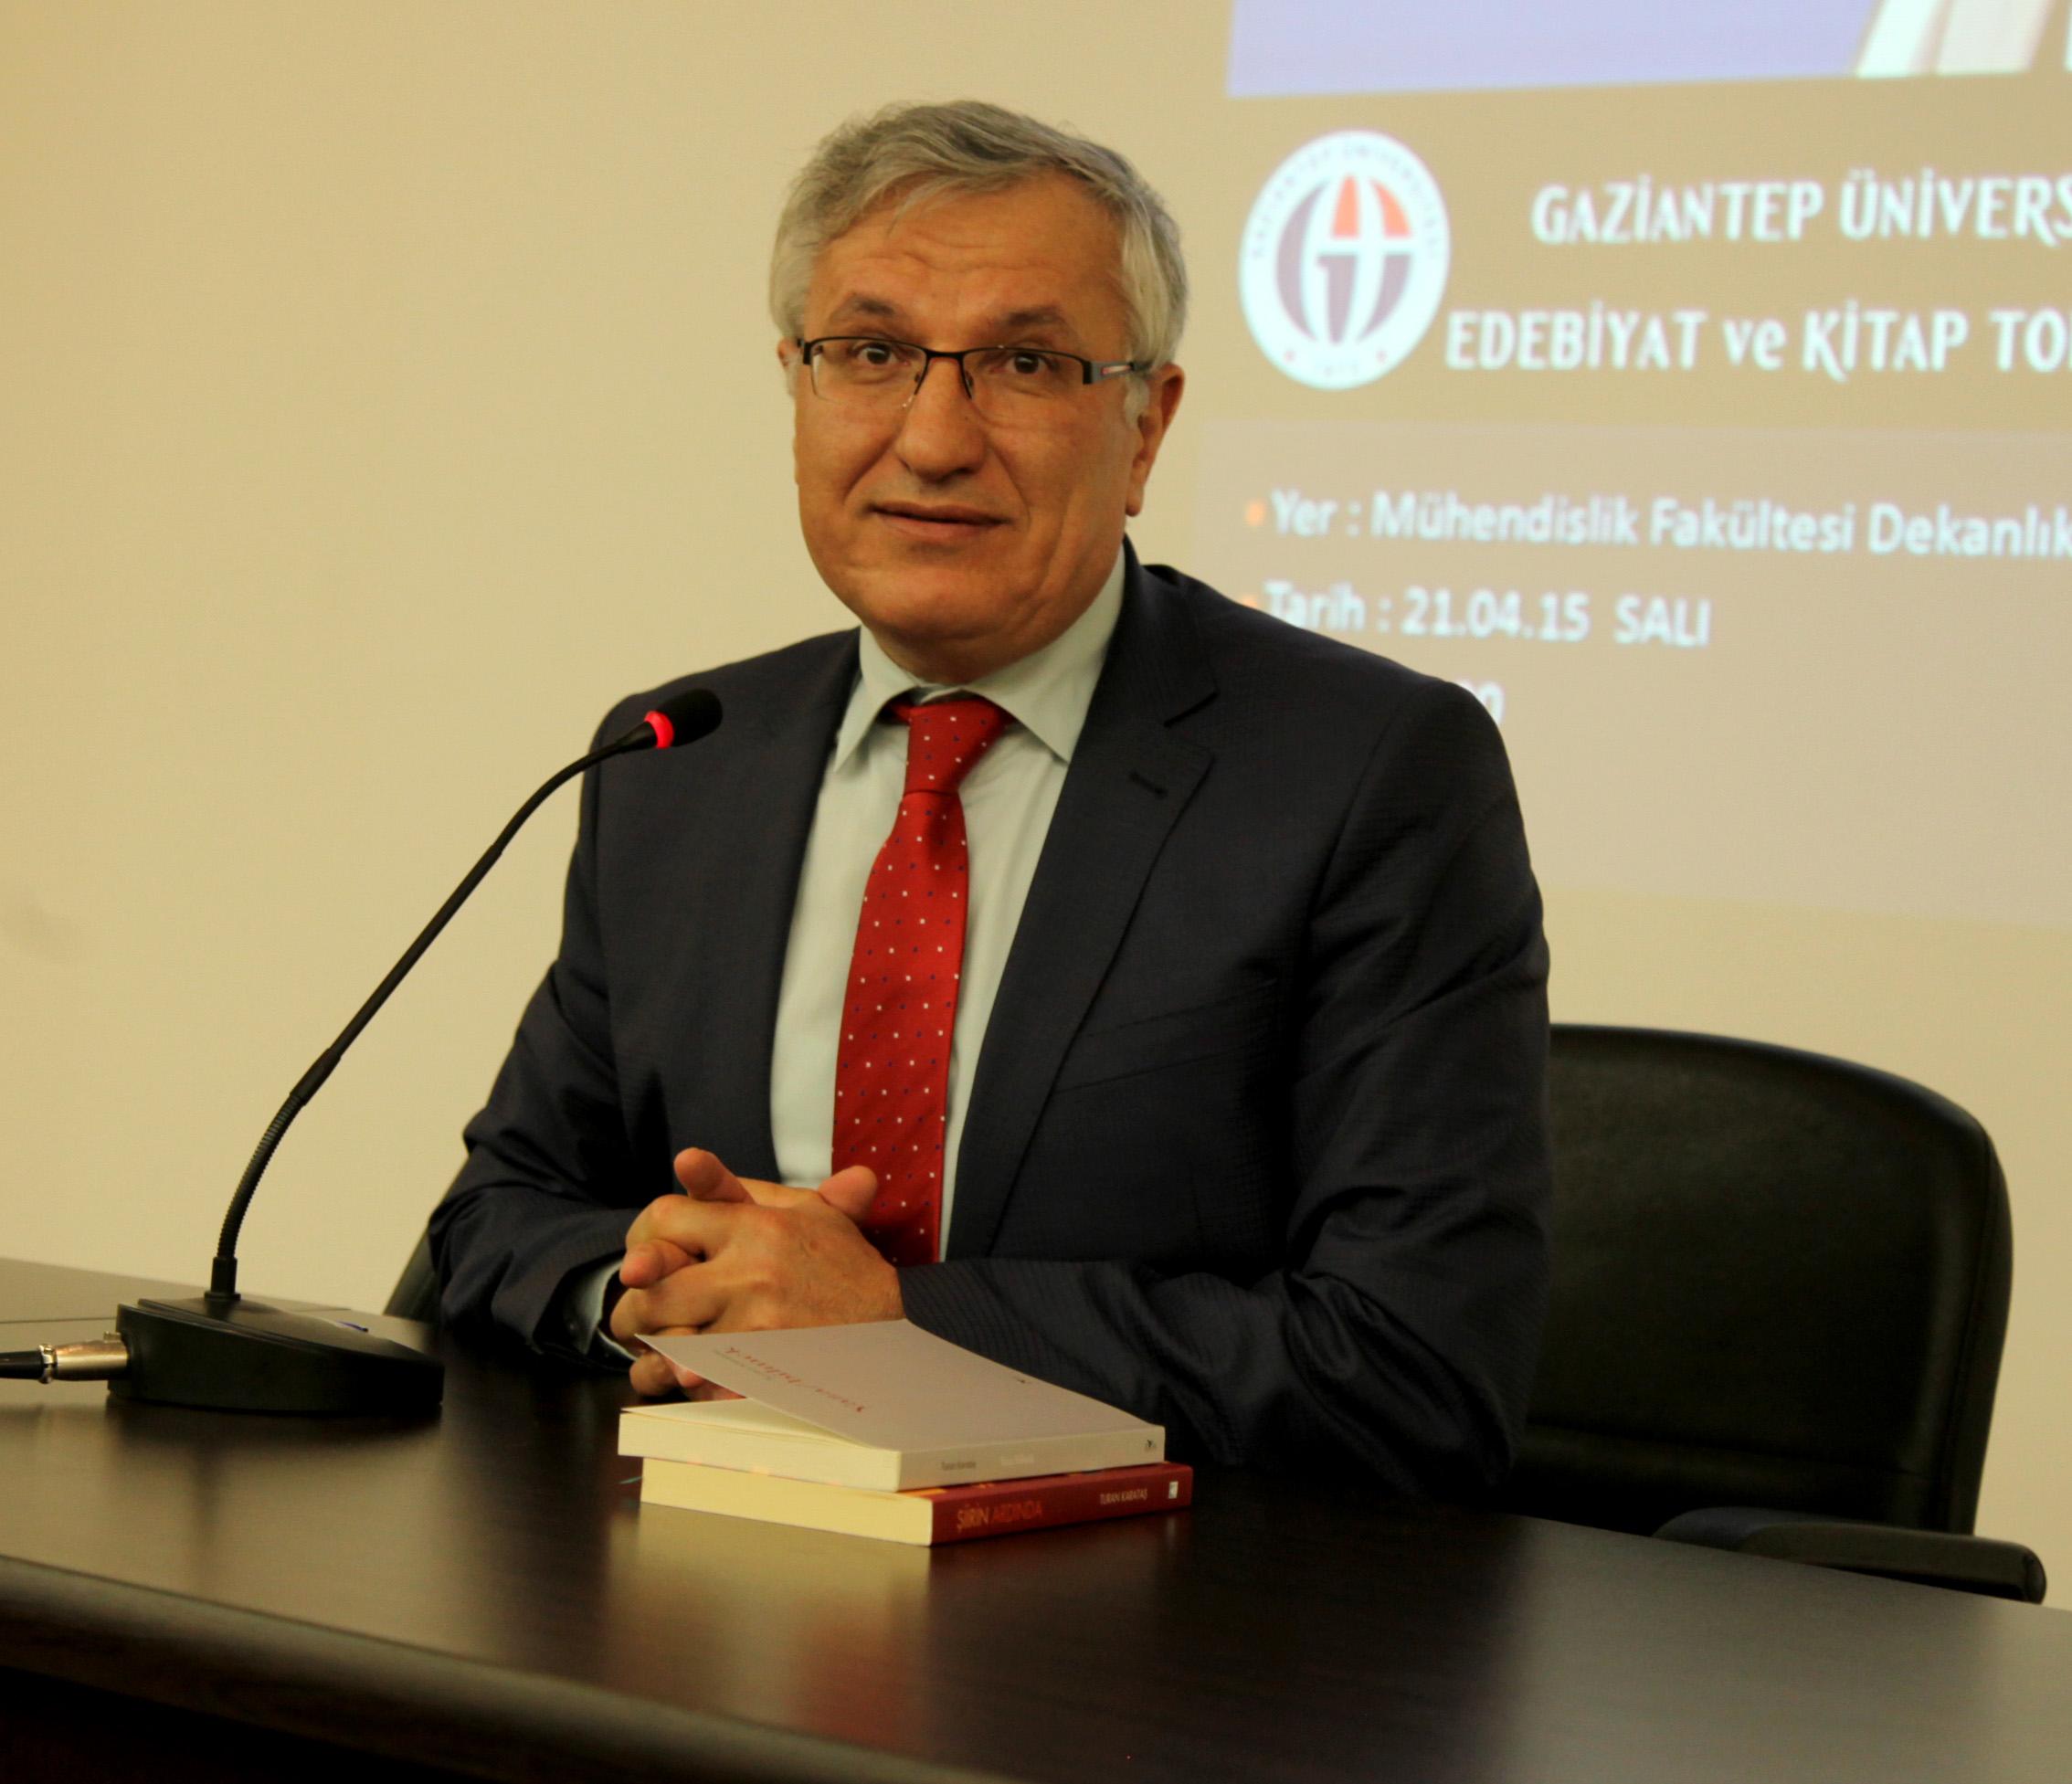 Prof. Dr. Turan Karataş